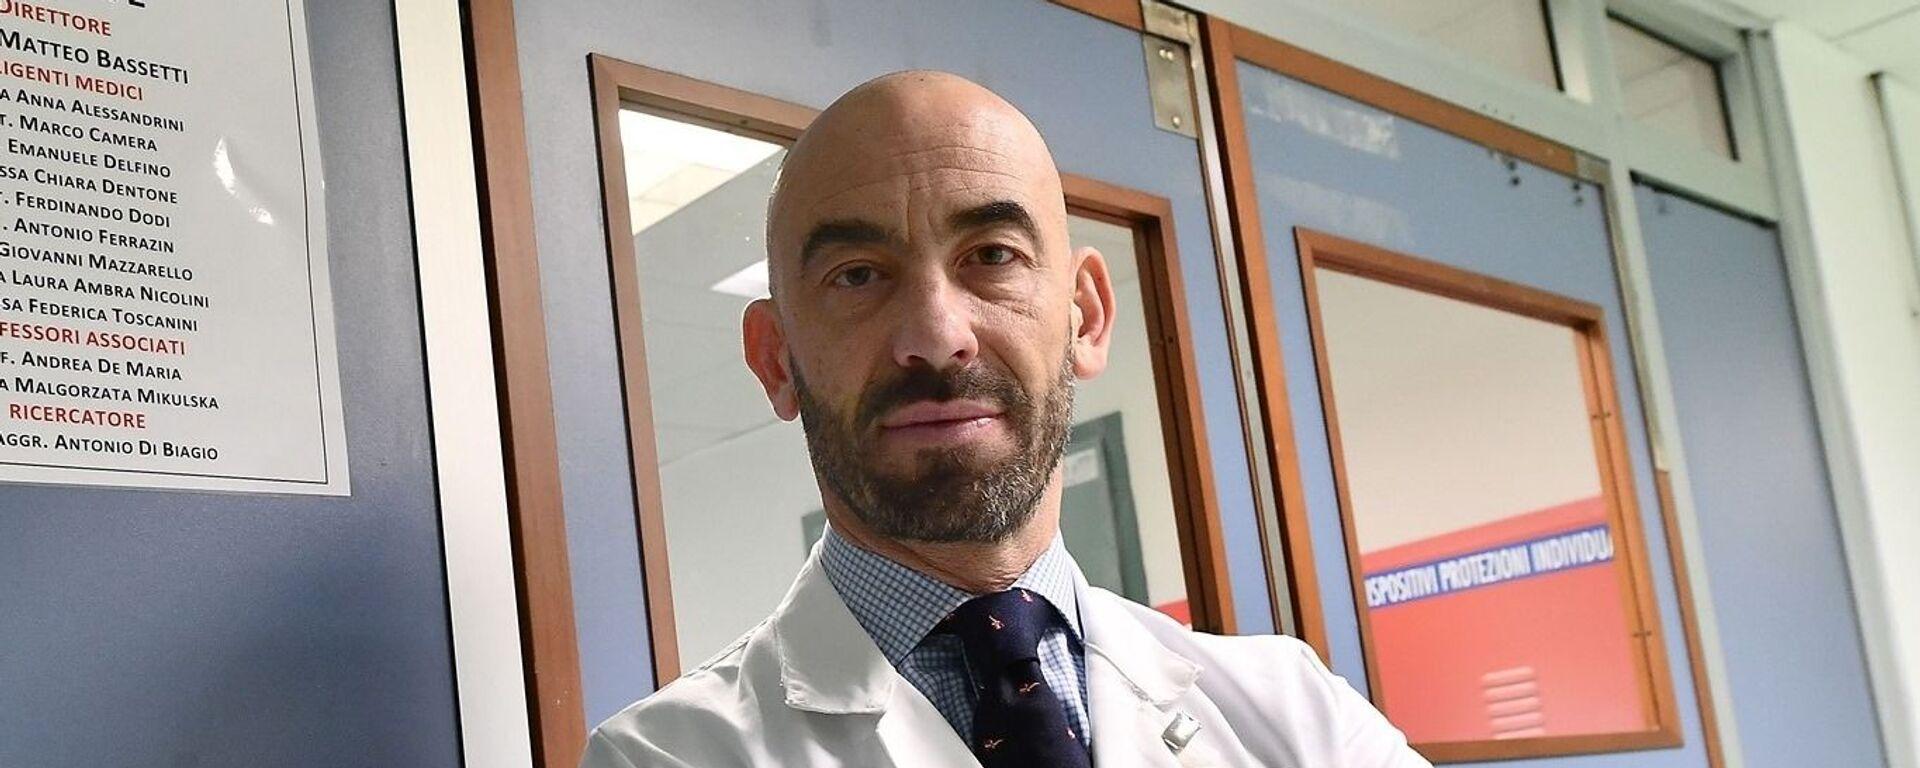 Matteo Bassetti, infettivologo, primario dell'ospedale San Martino di Genova - Sputnik Italia, 1920, 19.07.2021